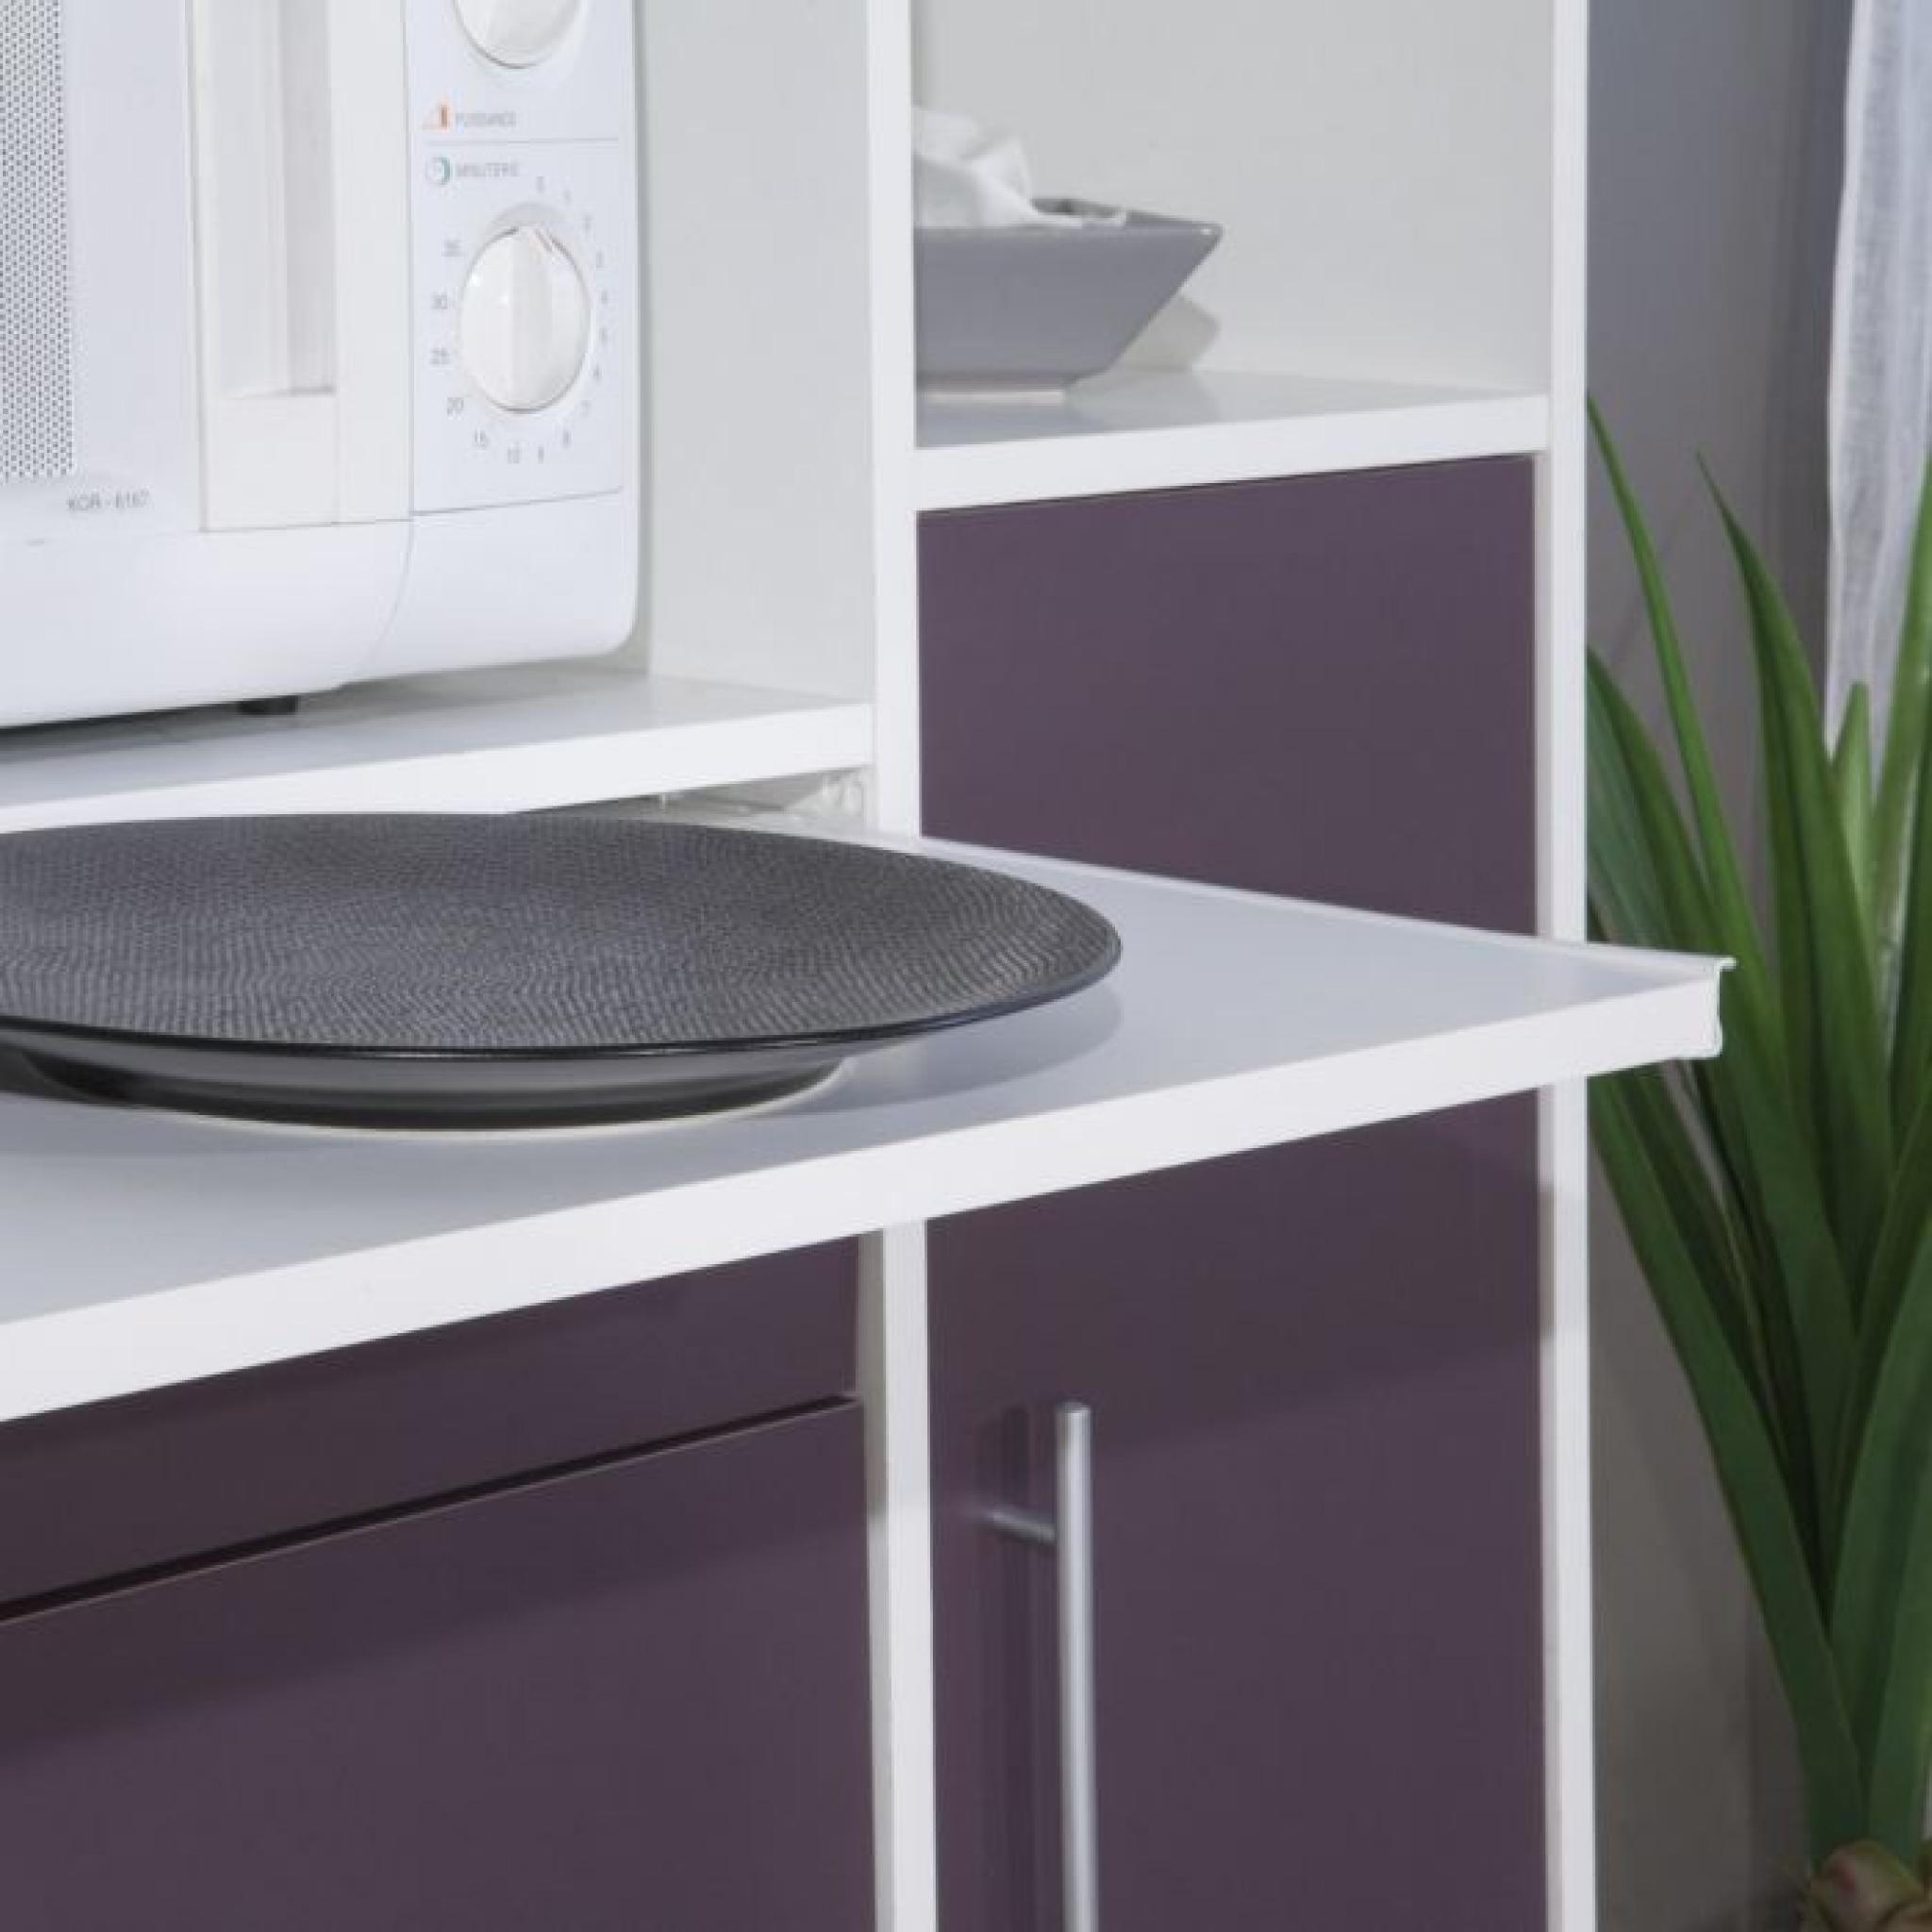 pepper buffet de cuisine 88cm aubergine achat vente buffet de cuisine pas cher couleur et. Black Bedroom Furniture Sets. Home Design Ideas